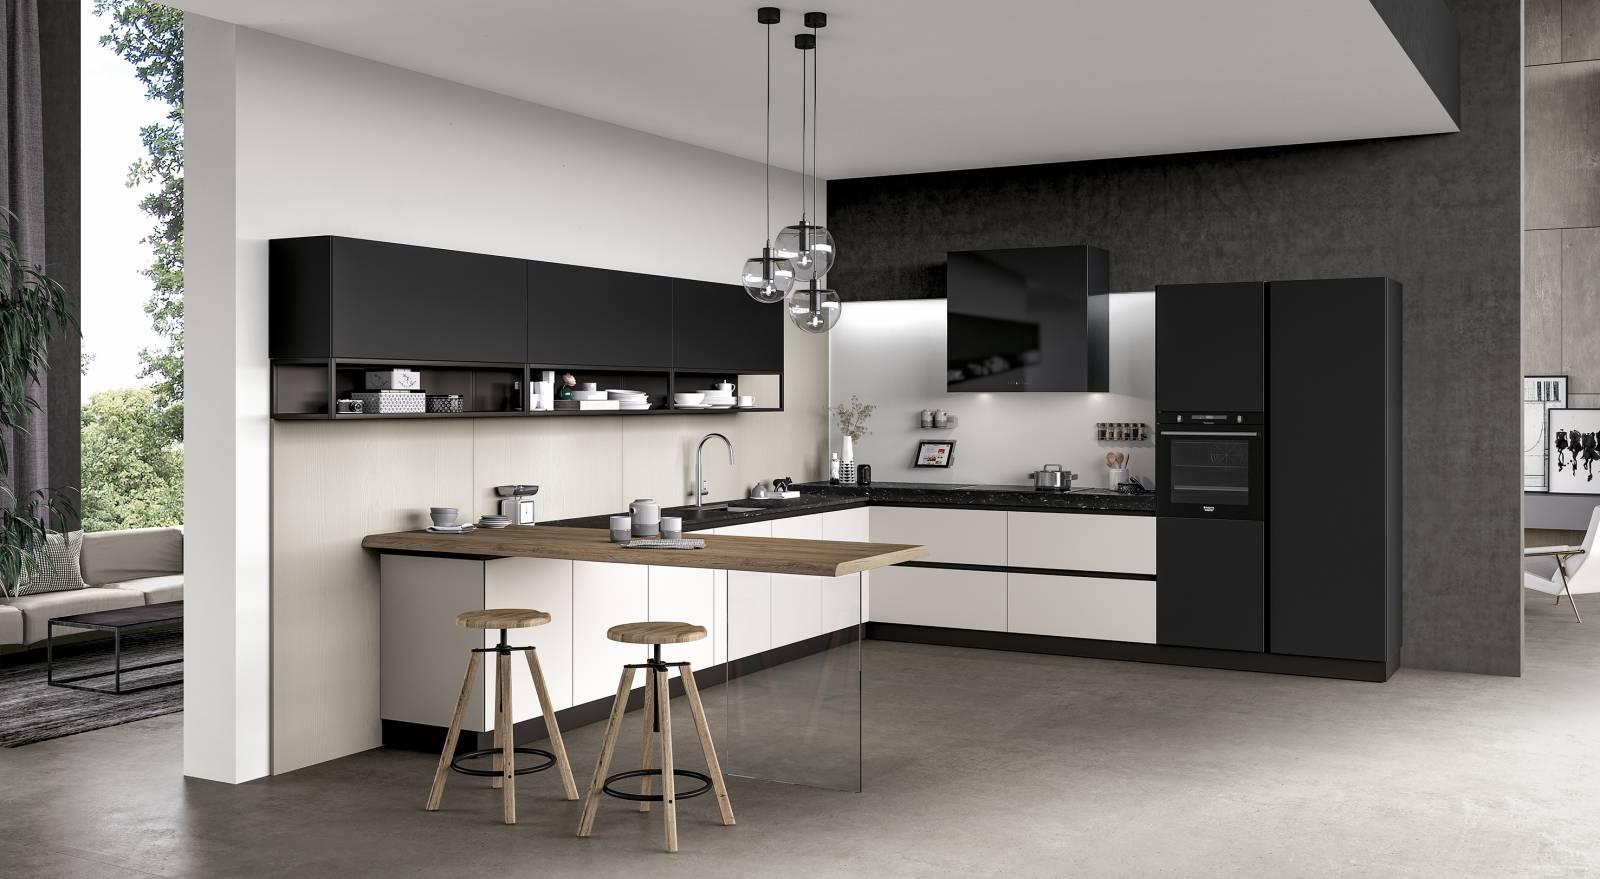 meuble de cuisine avec fa ades finition en verre ilot central ou lin aire bandol vente de. Black Bedroom Furniture Sets. Home Design Ideas